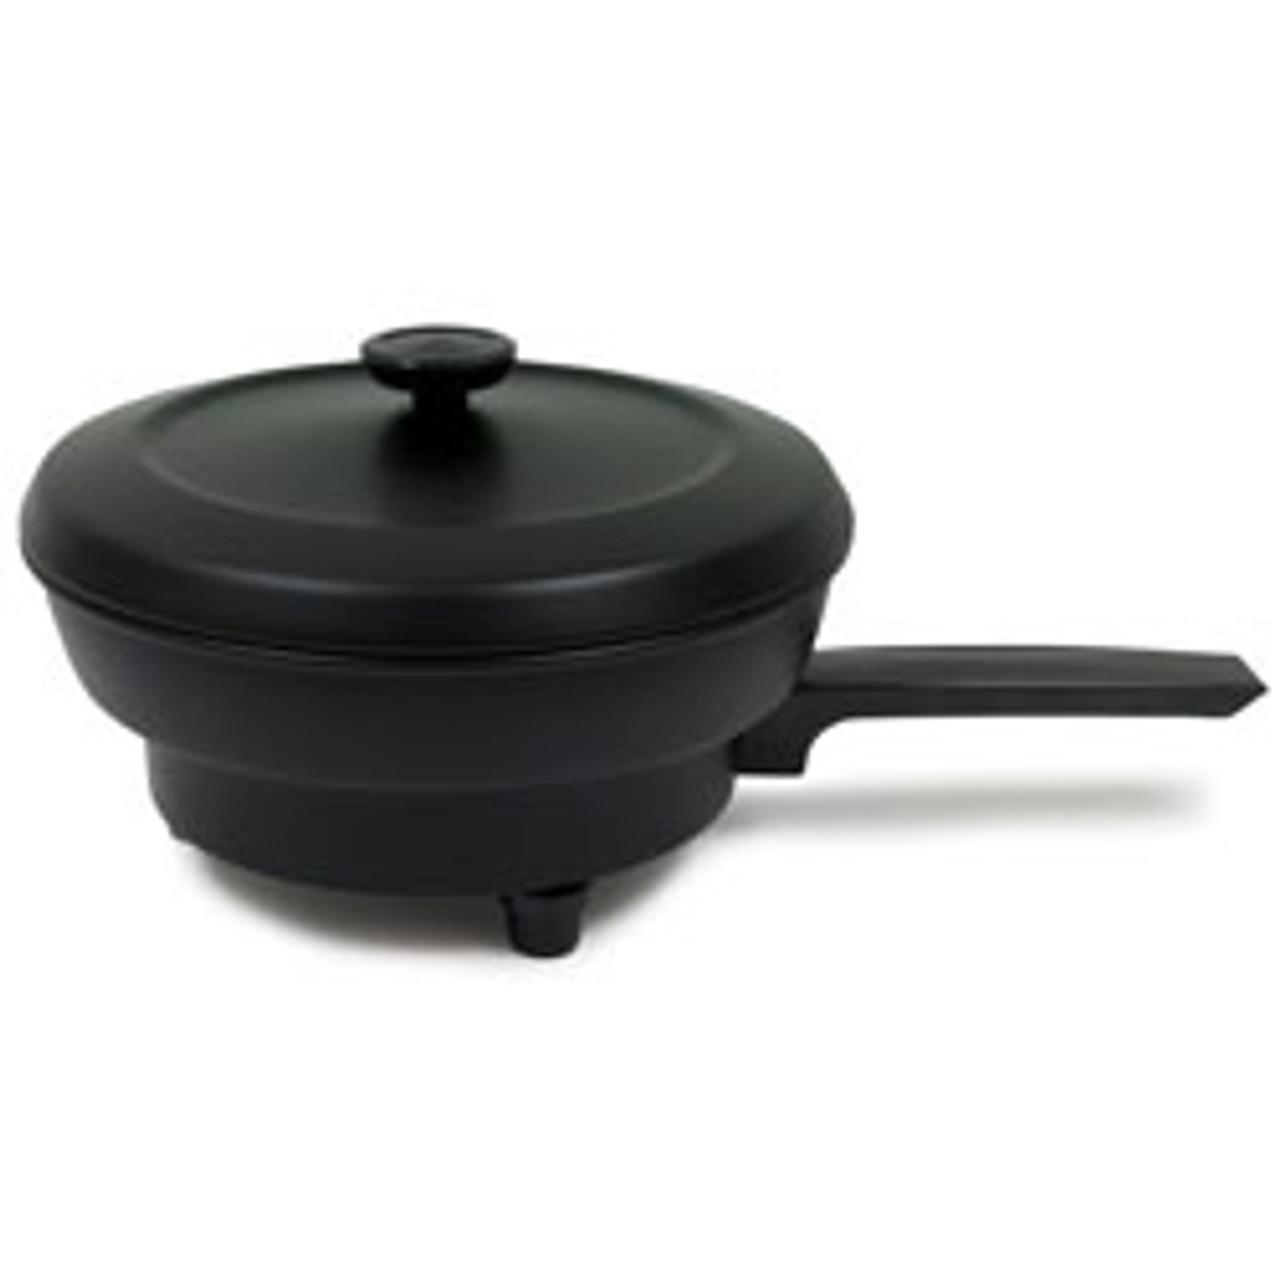 12 Volt & Portable Appliances | Gadgets